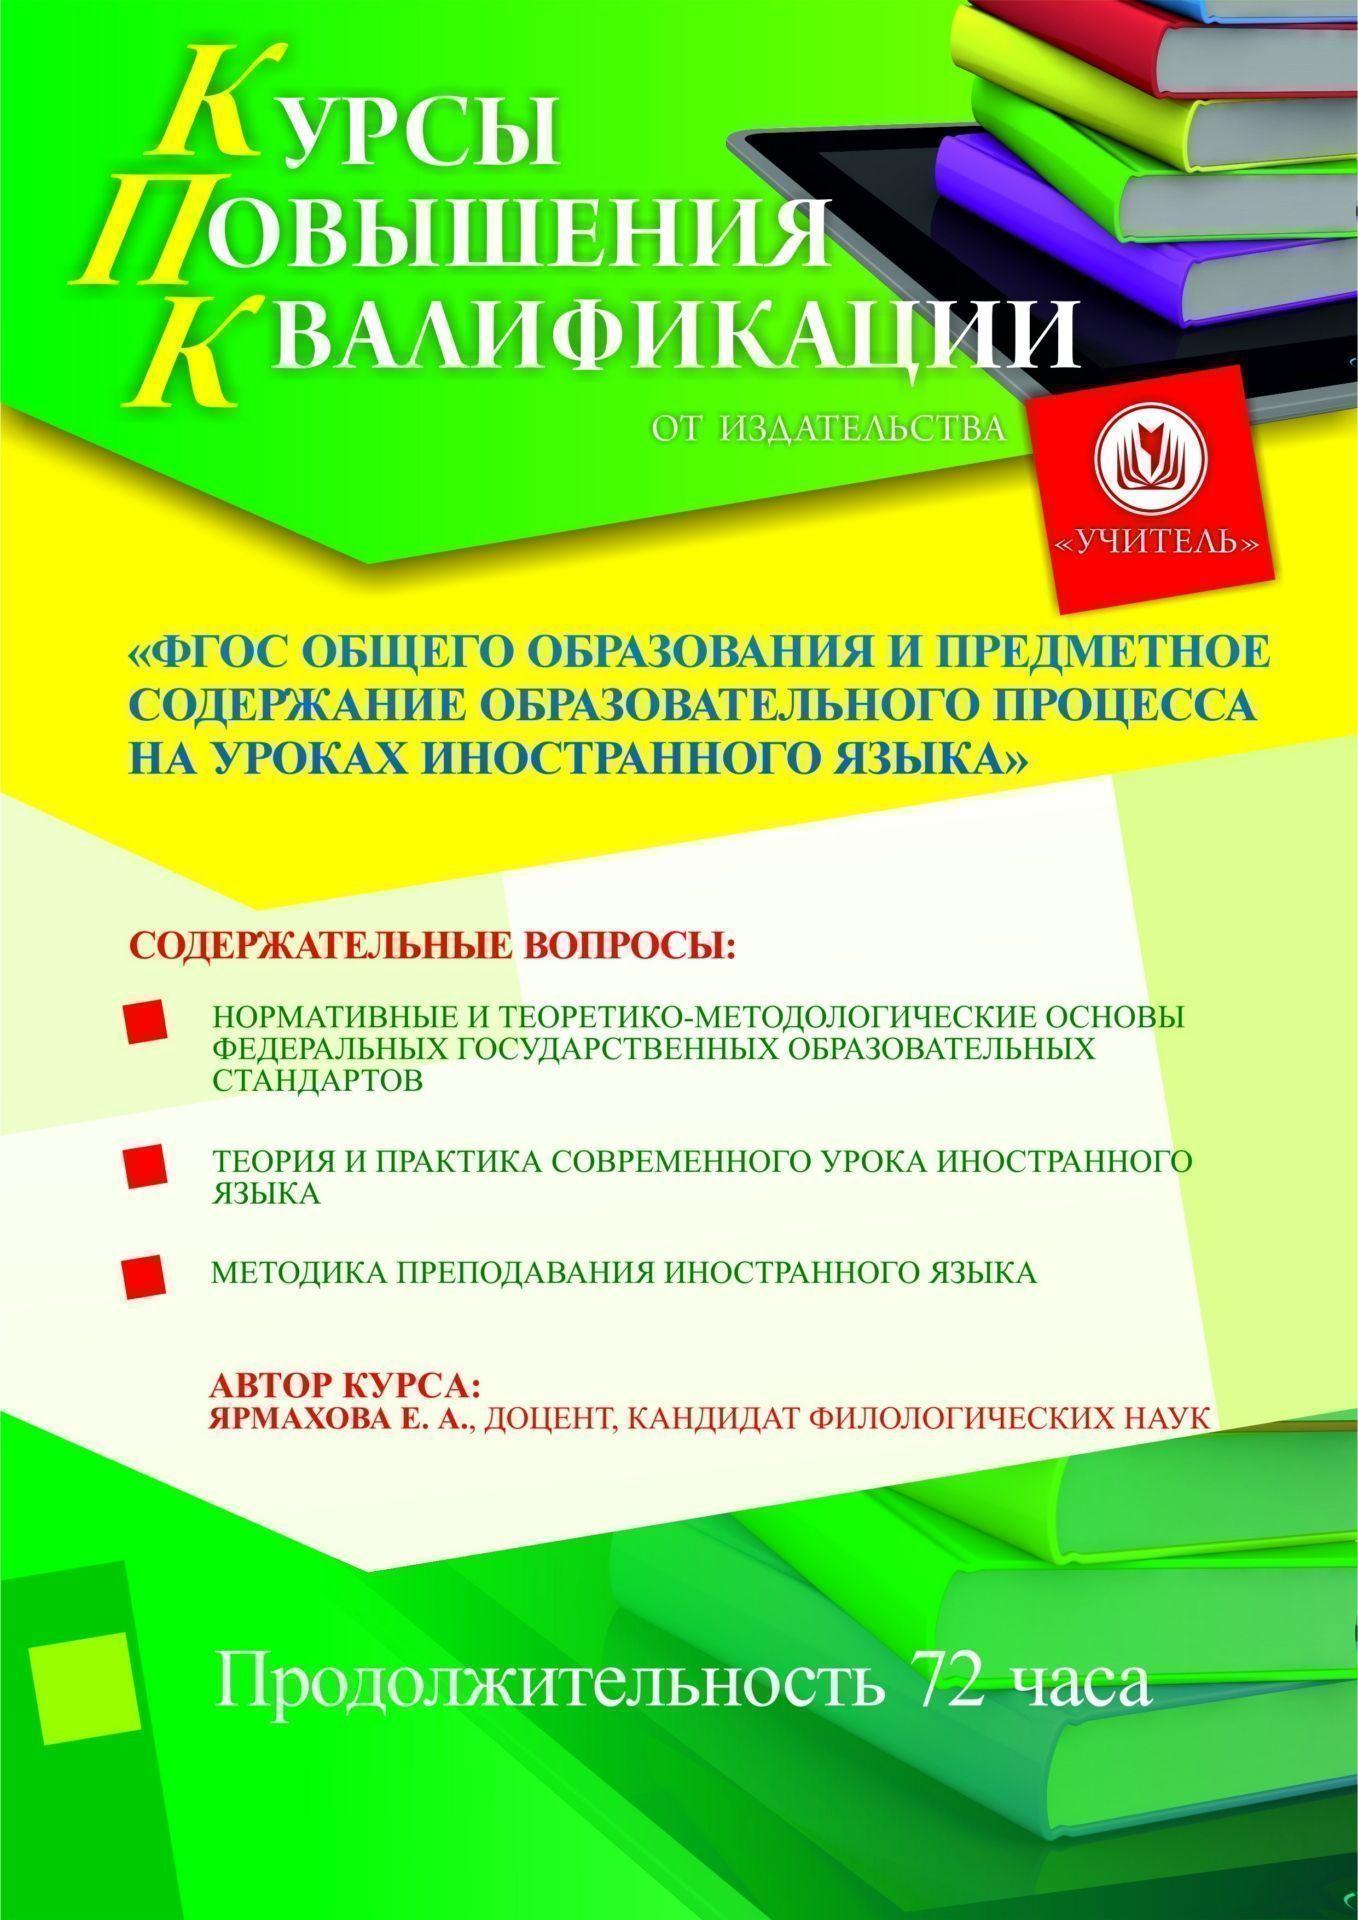 ФГОС общего образования и предметное содержание образовательного процесса на уроках иностранного языка (72 ч.) фото